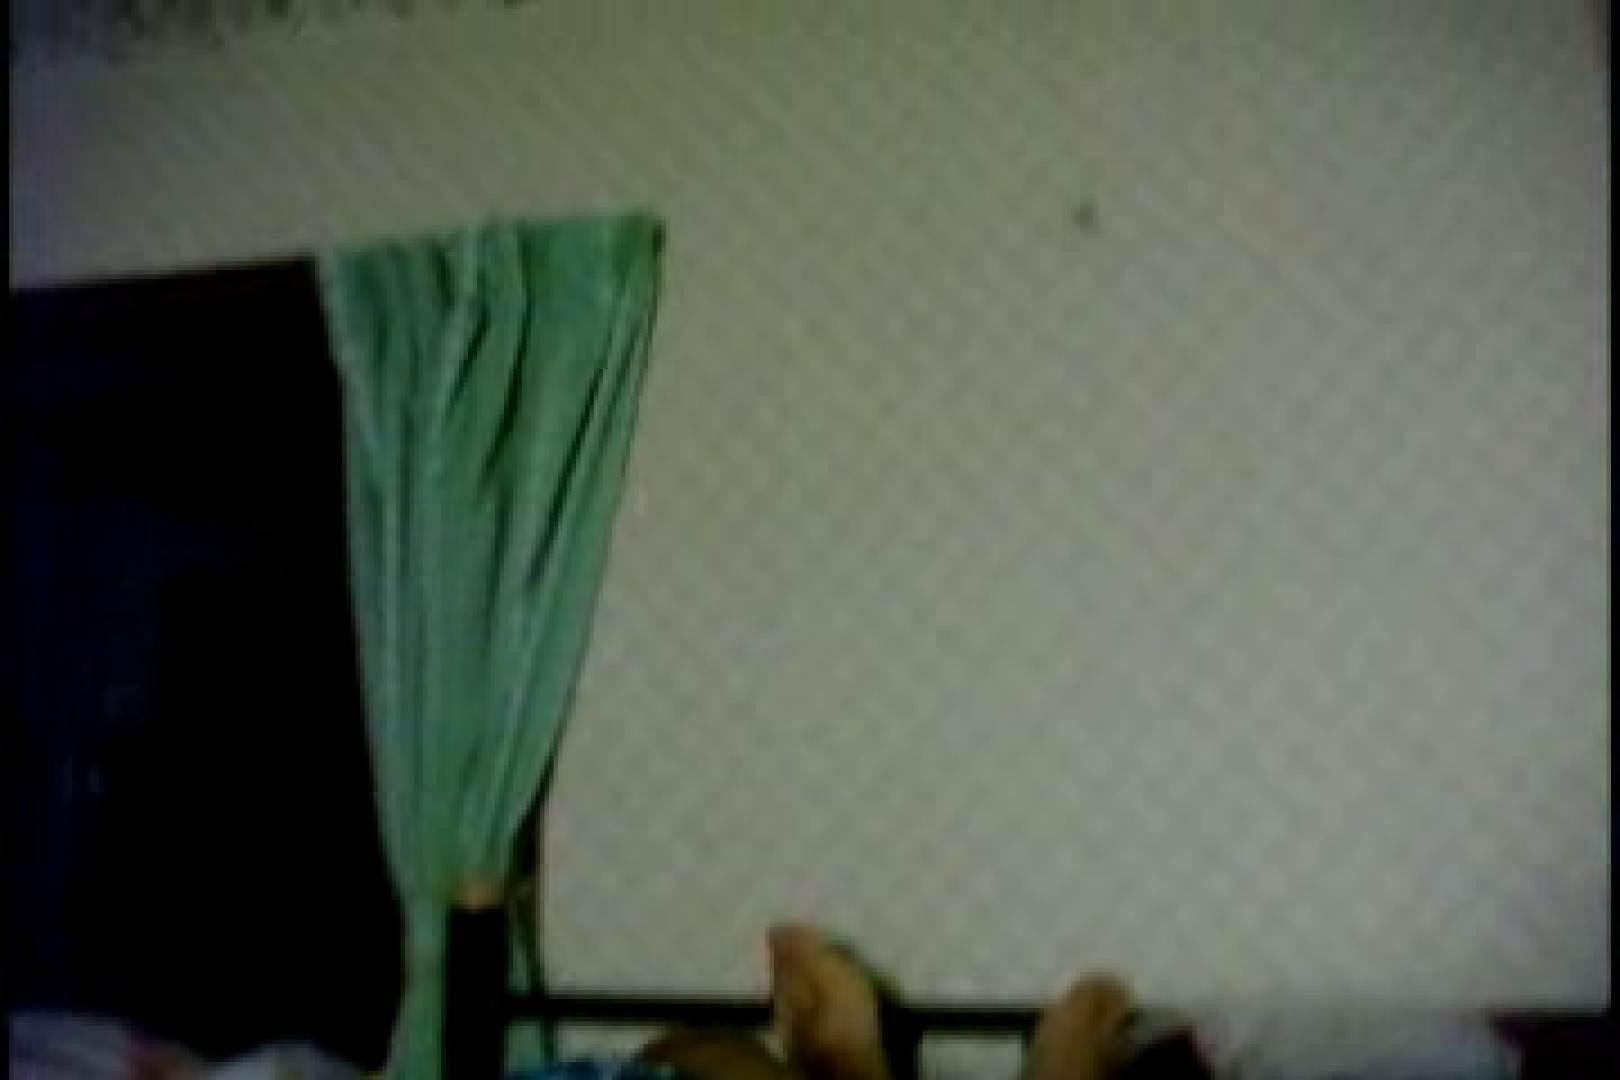 オナ好きノンケテニス部員の自画撮り投稿vol.03 射精シーン ゲイアダルト画像 97pic 3